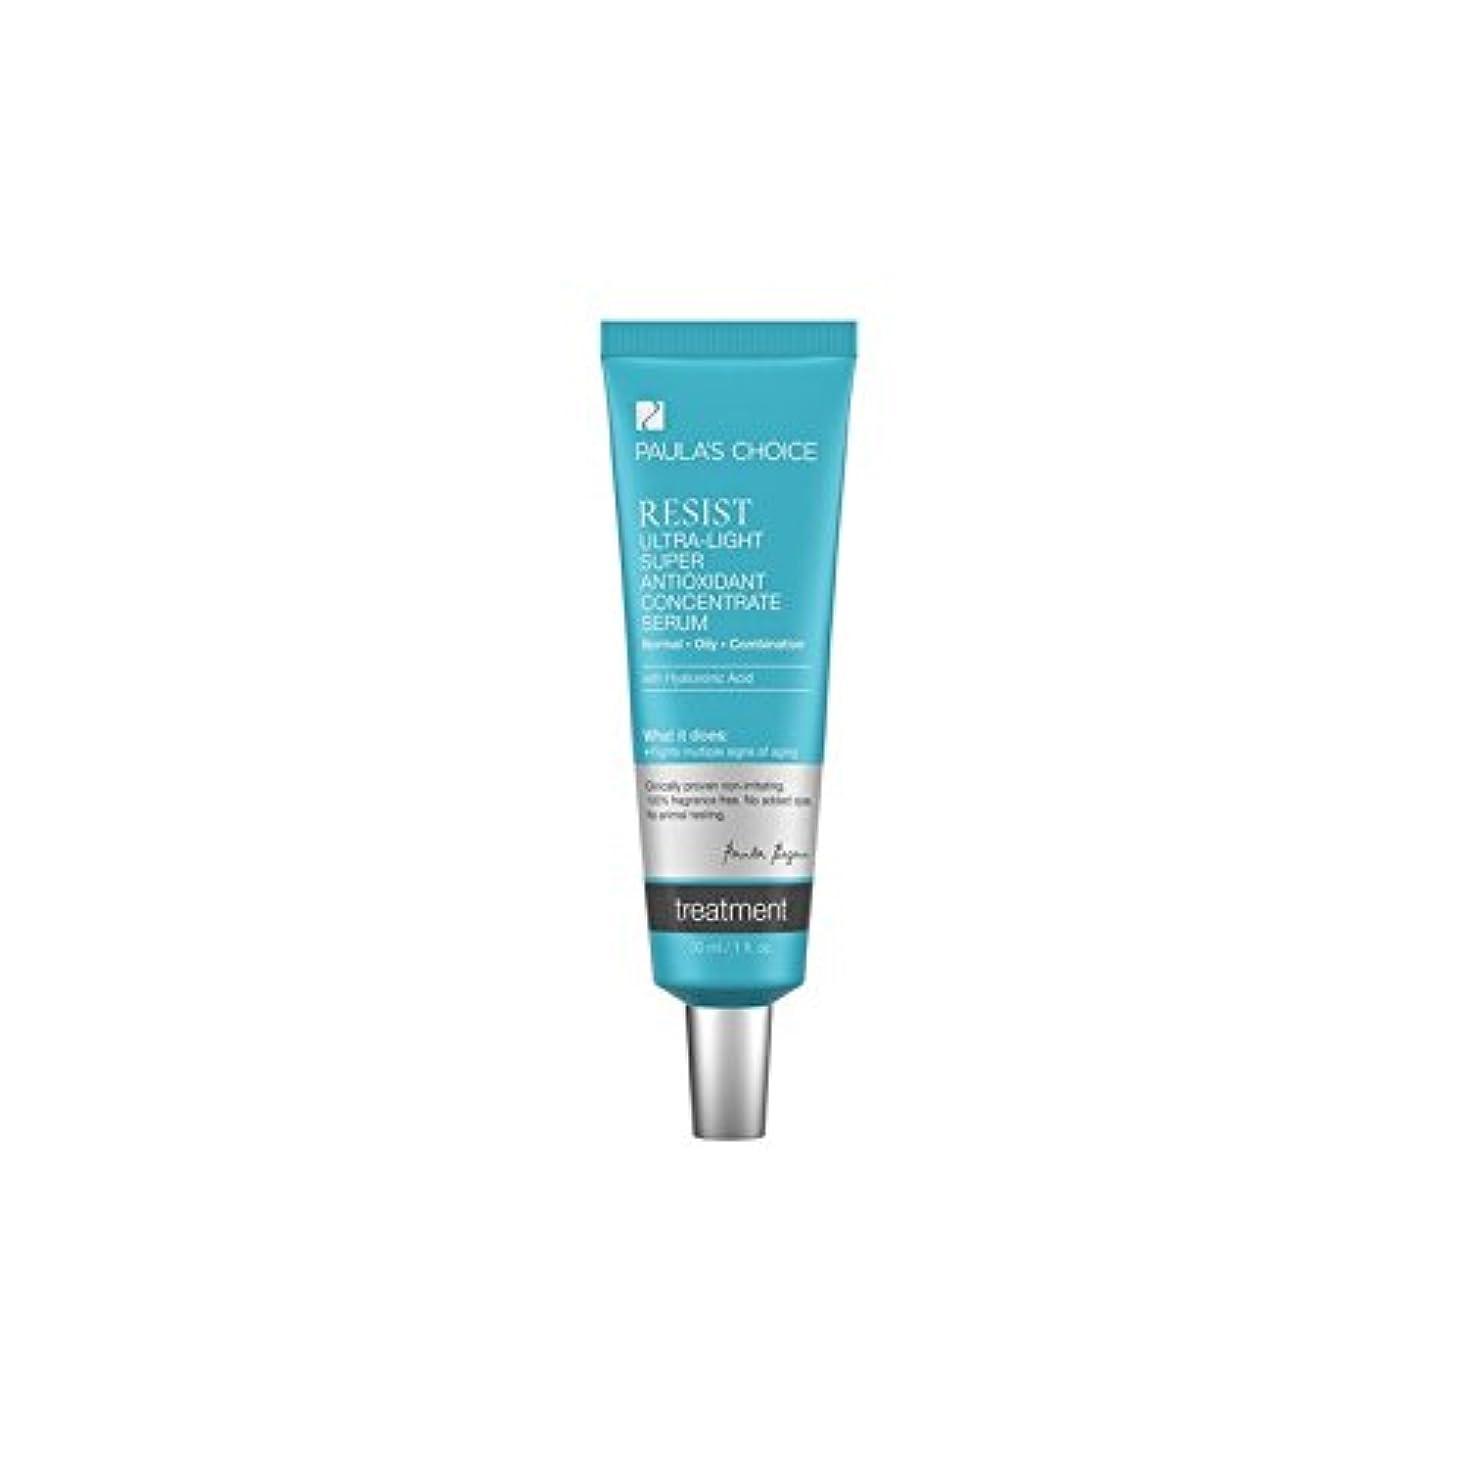 アカデミー石膏ビュッフェポーラチョイスは、超軽量のスーパー抗酸化濃縮血清(30ミリリットル)を抵抗します x4 - Paula's Choice Resist Ultra-Light Super Antioxidant Concentrate Serum (30ml) (Pack of 4) [並行輸入品]